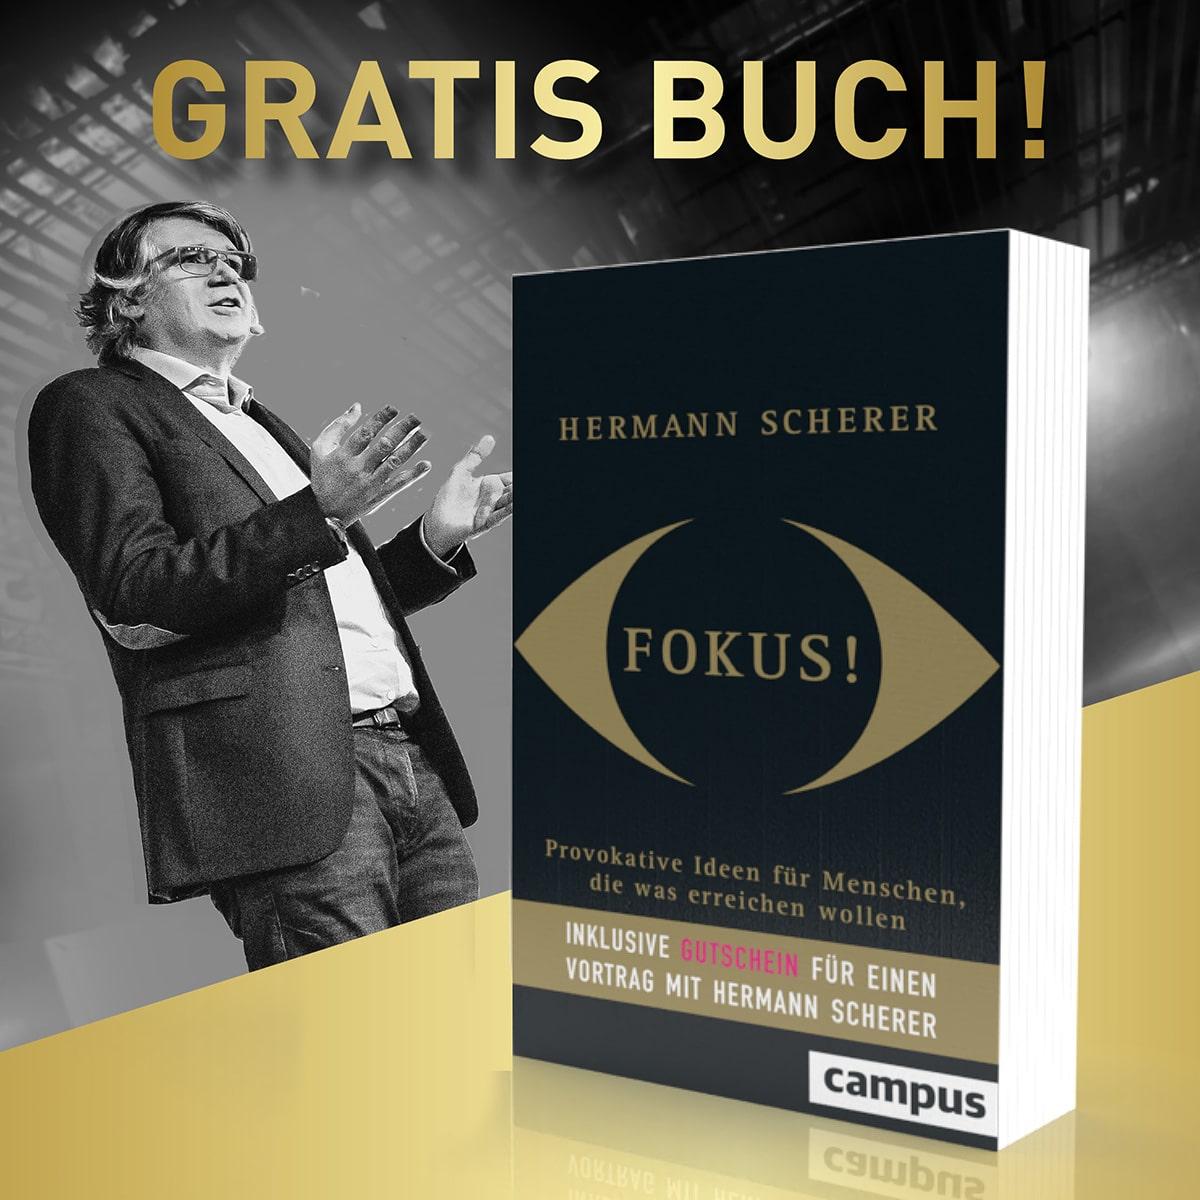 Gratis-Fokus2